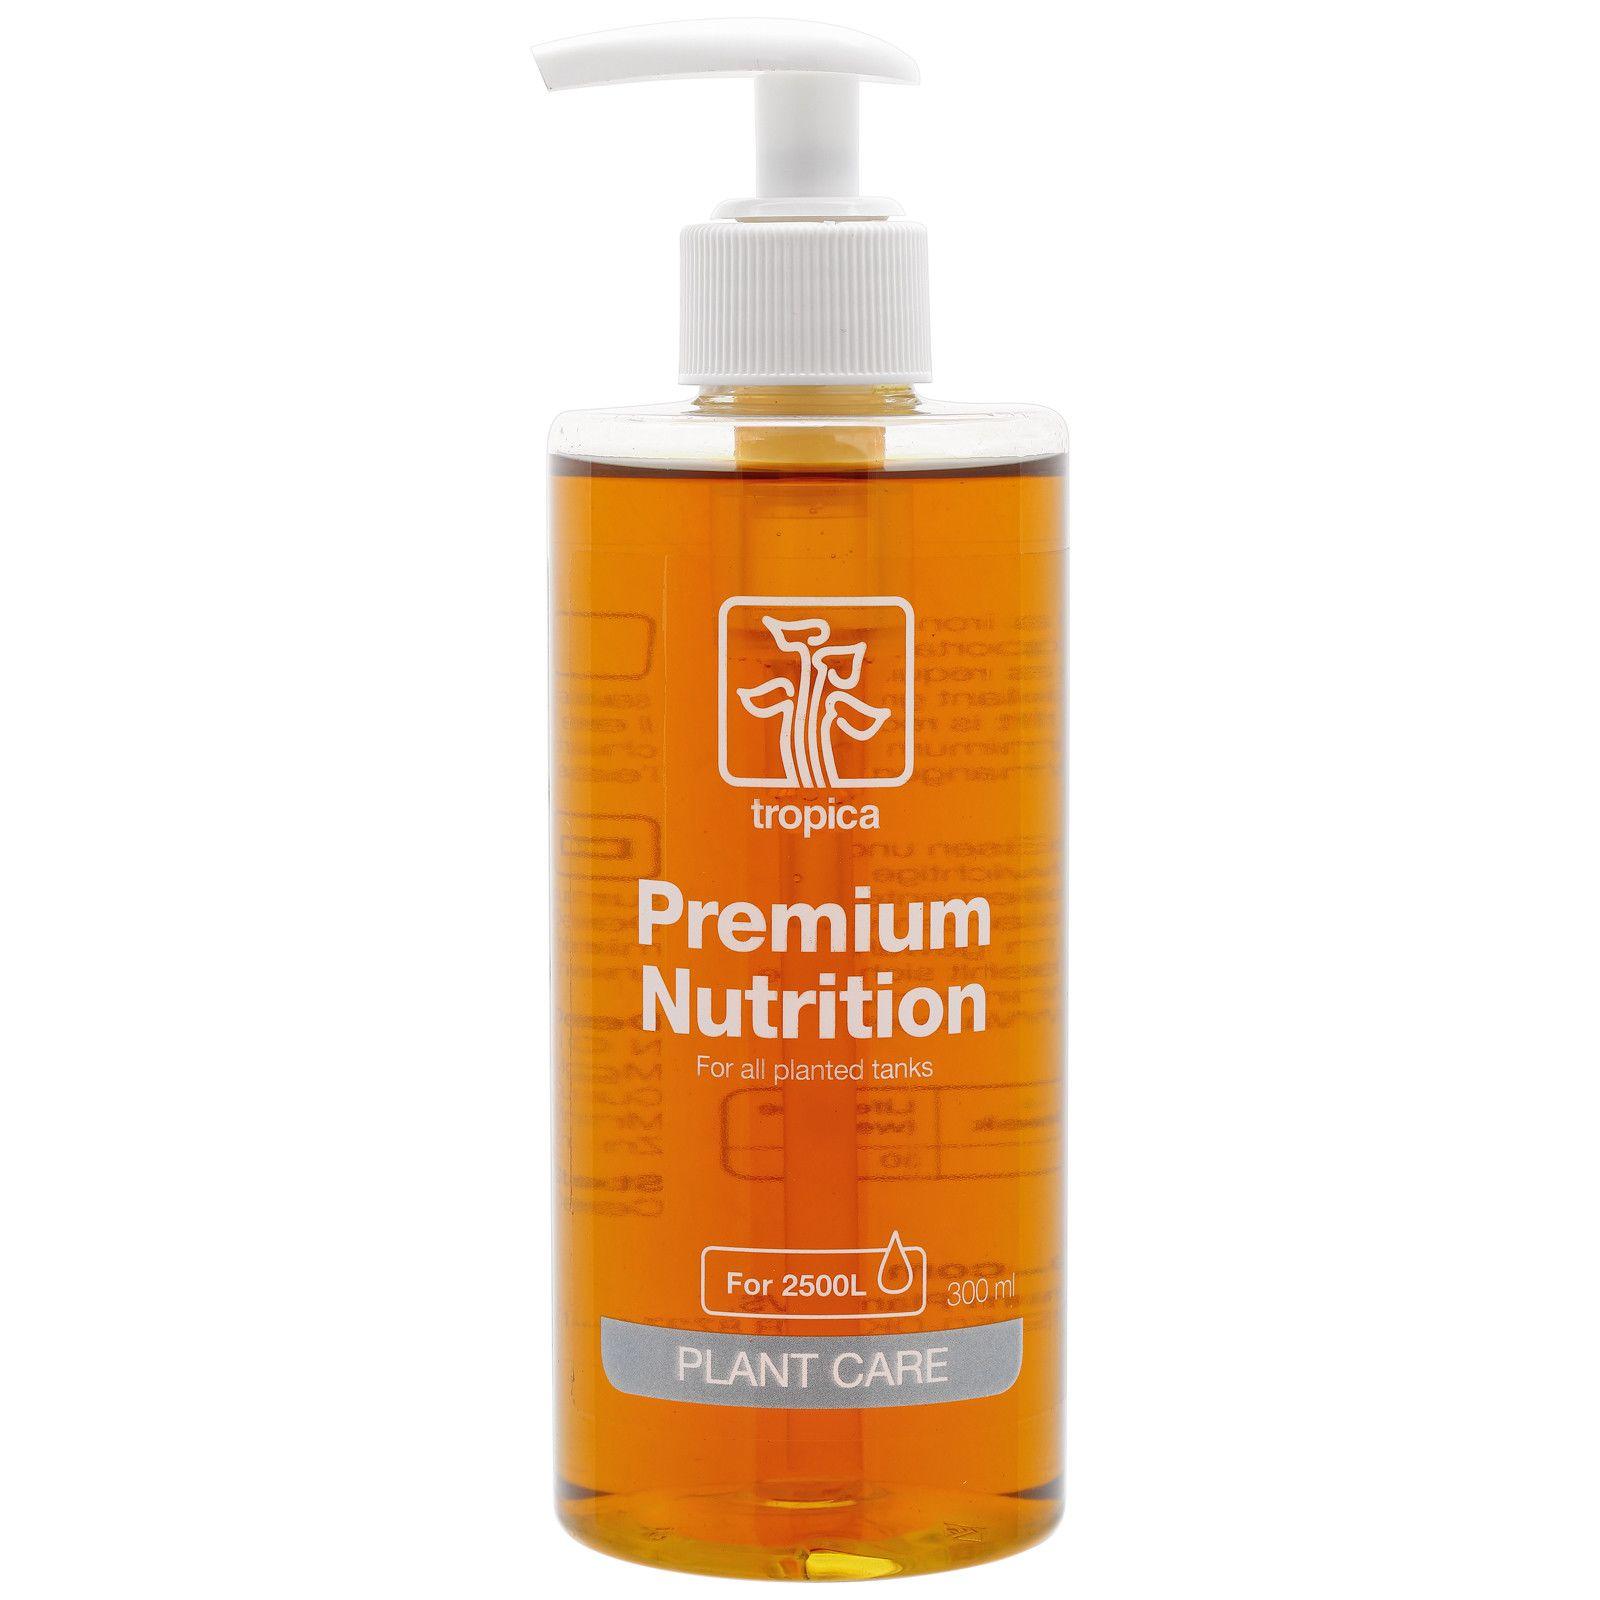 Tropica Premiim Nutrition